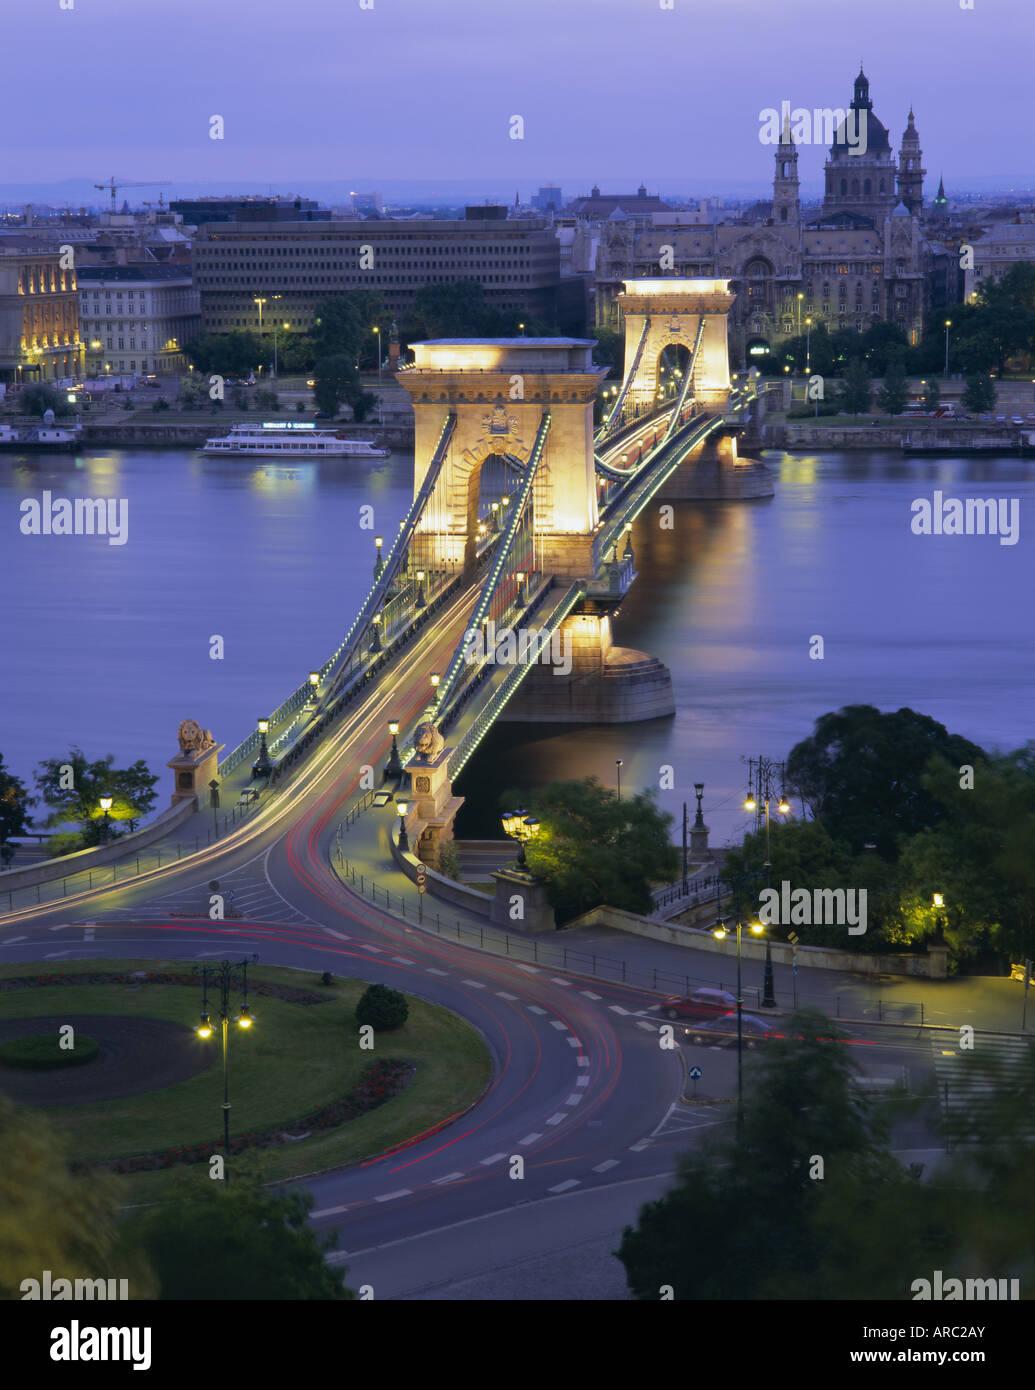 Kettenbrücke über die Donau und St. Stephens Basilica, Budapest, Ungarn, Europa Stockfoto